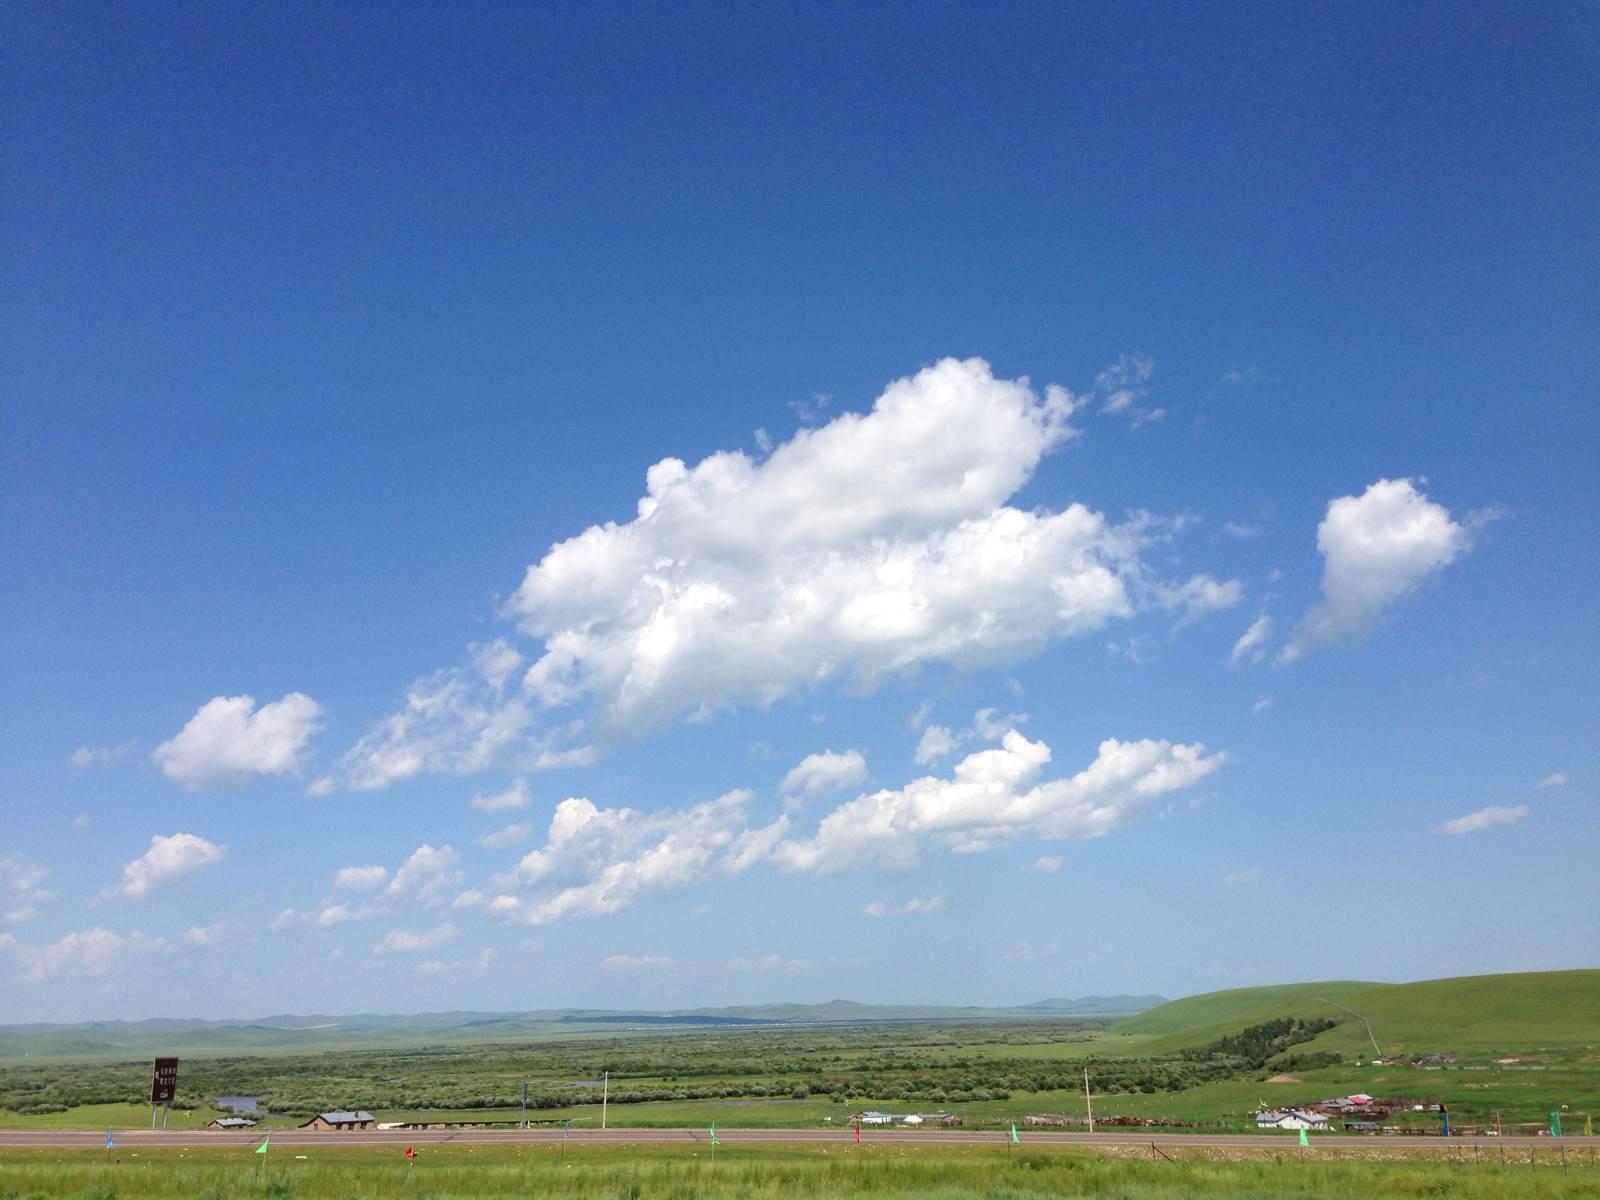 湛蓝的天空,飘着几朵白云,绿油油草原不时有河水穿过,上面牛群,马群